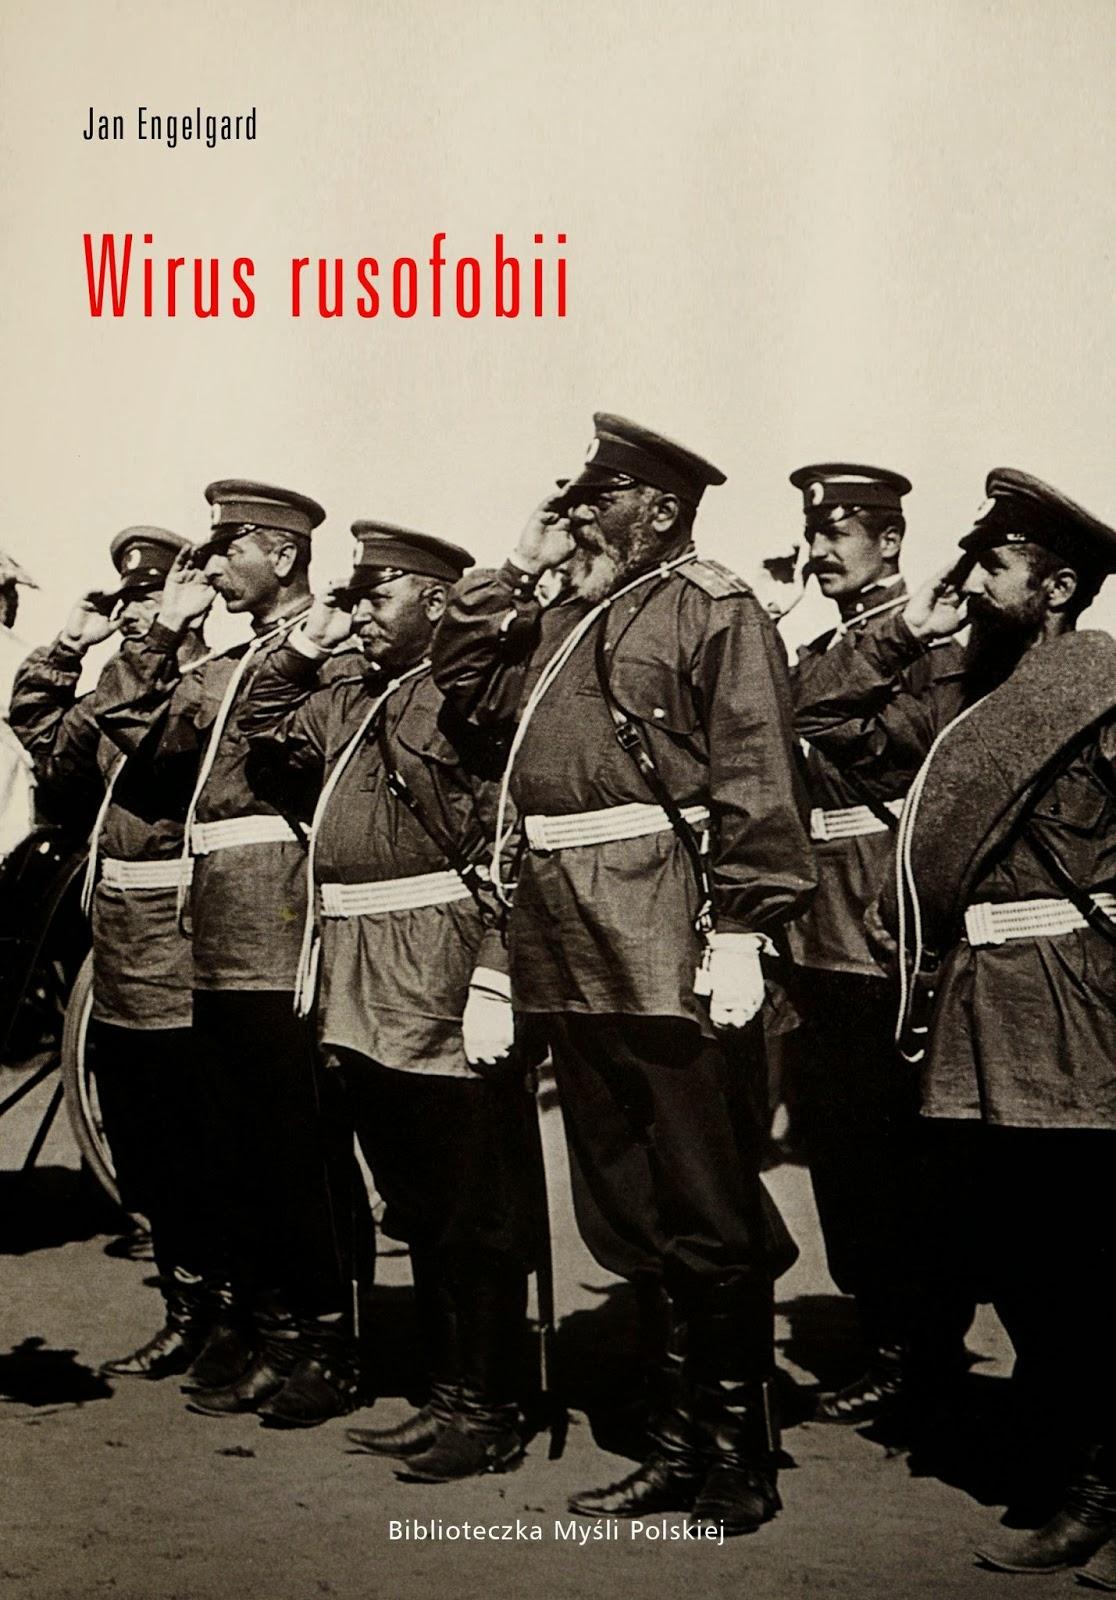 почему поляки ненавидят русских